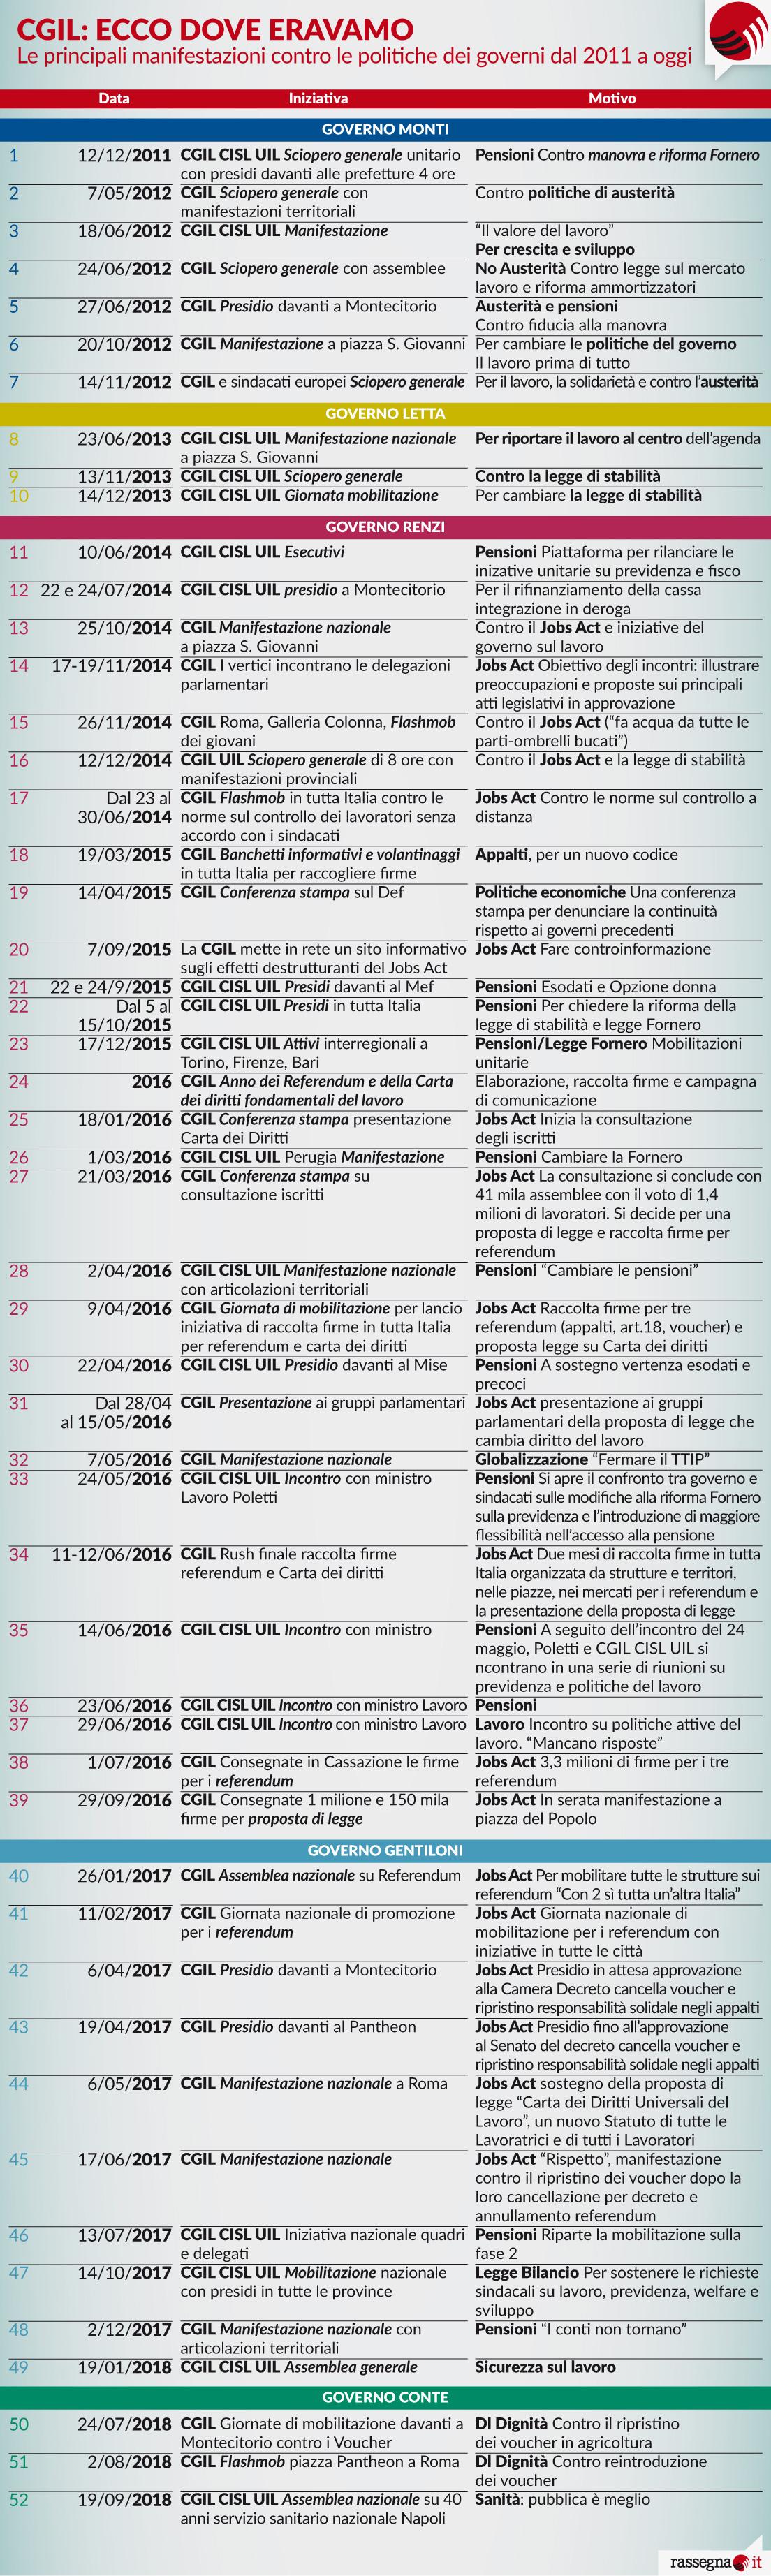 Dove era Cgil - Le iniziative tra il 2011 e maggio 2018